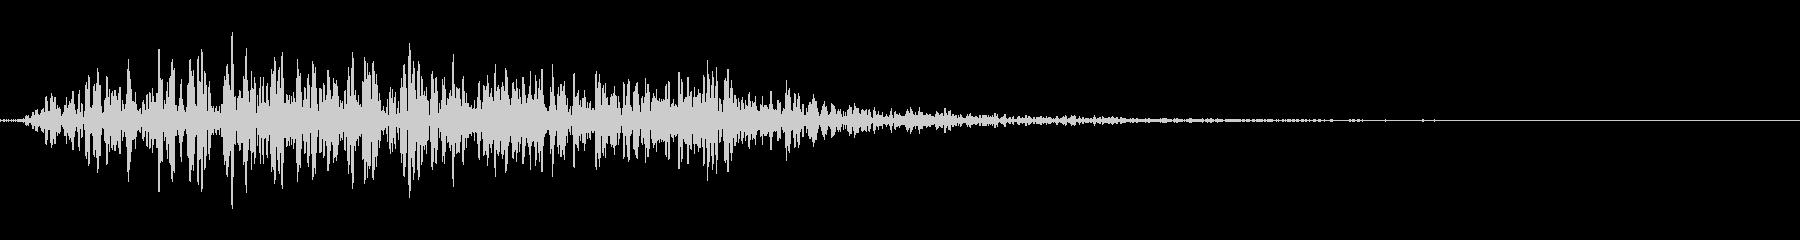 ハリウッド風のタイトル音(重)の未再生の波形